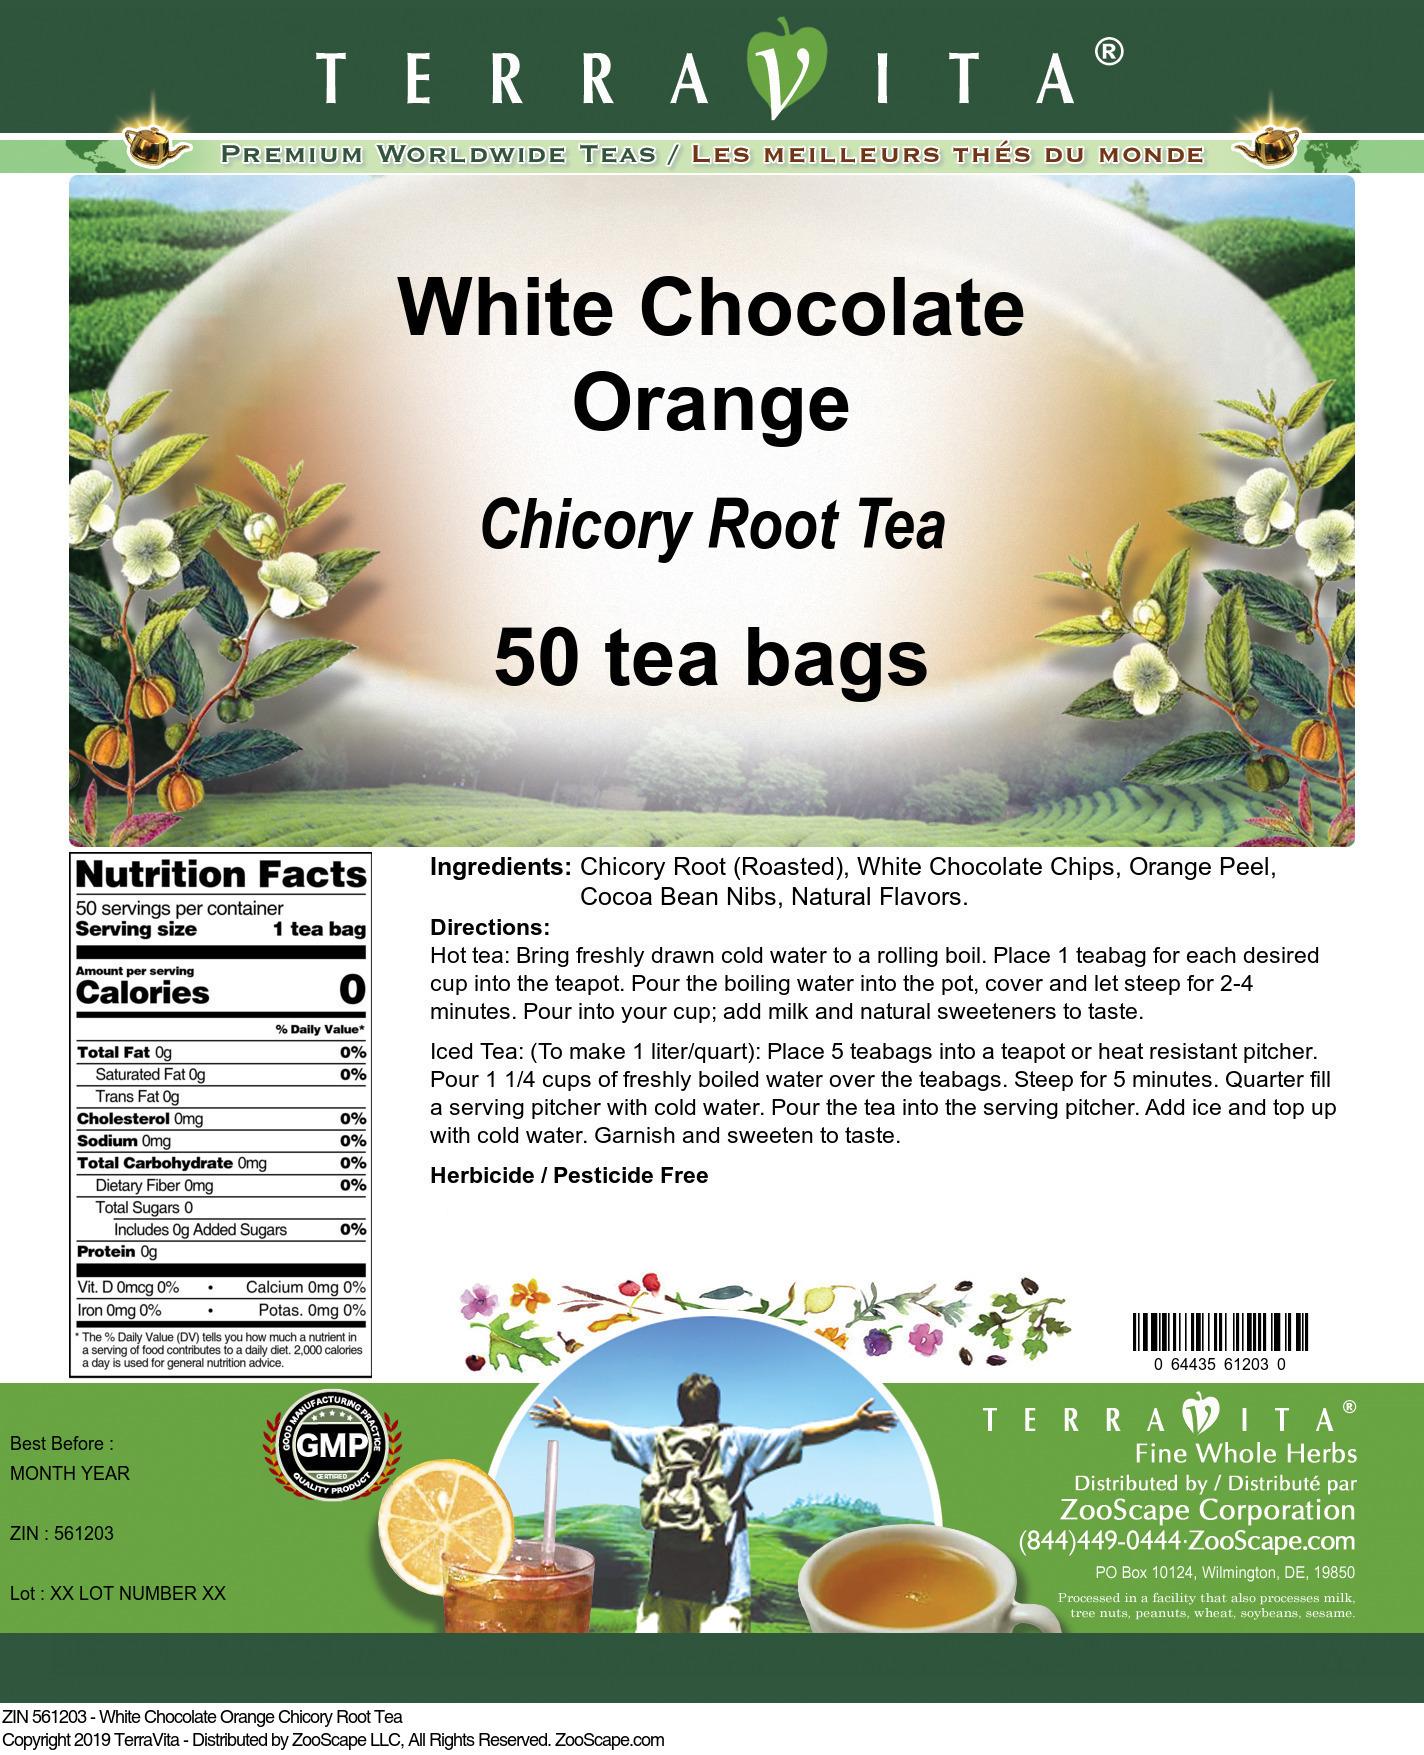 White Chocolate Orange Chicory Root Tea